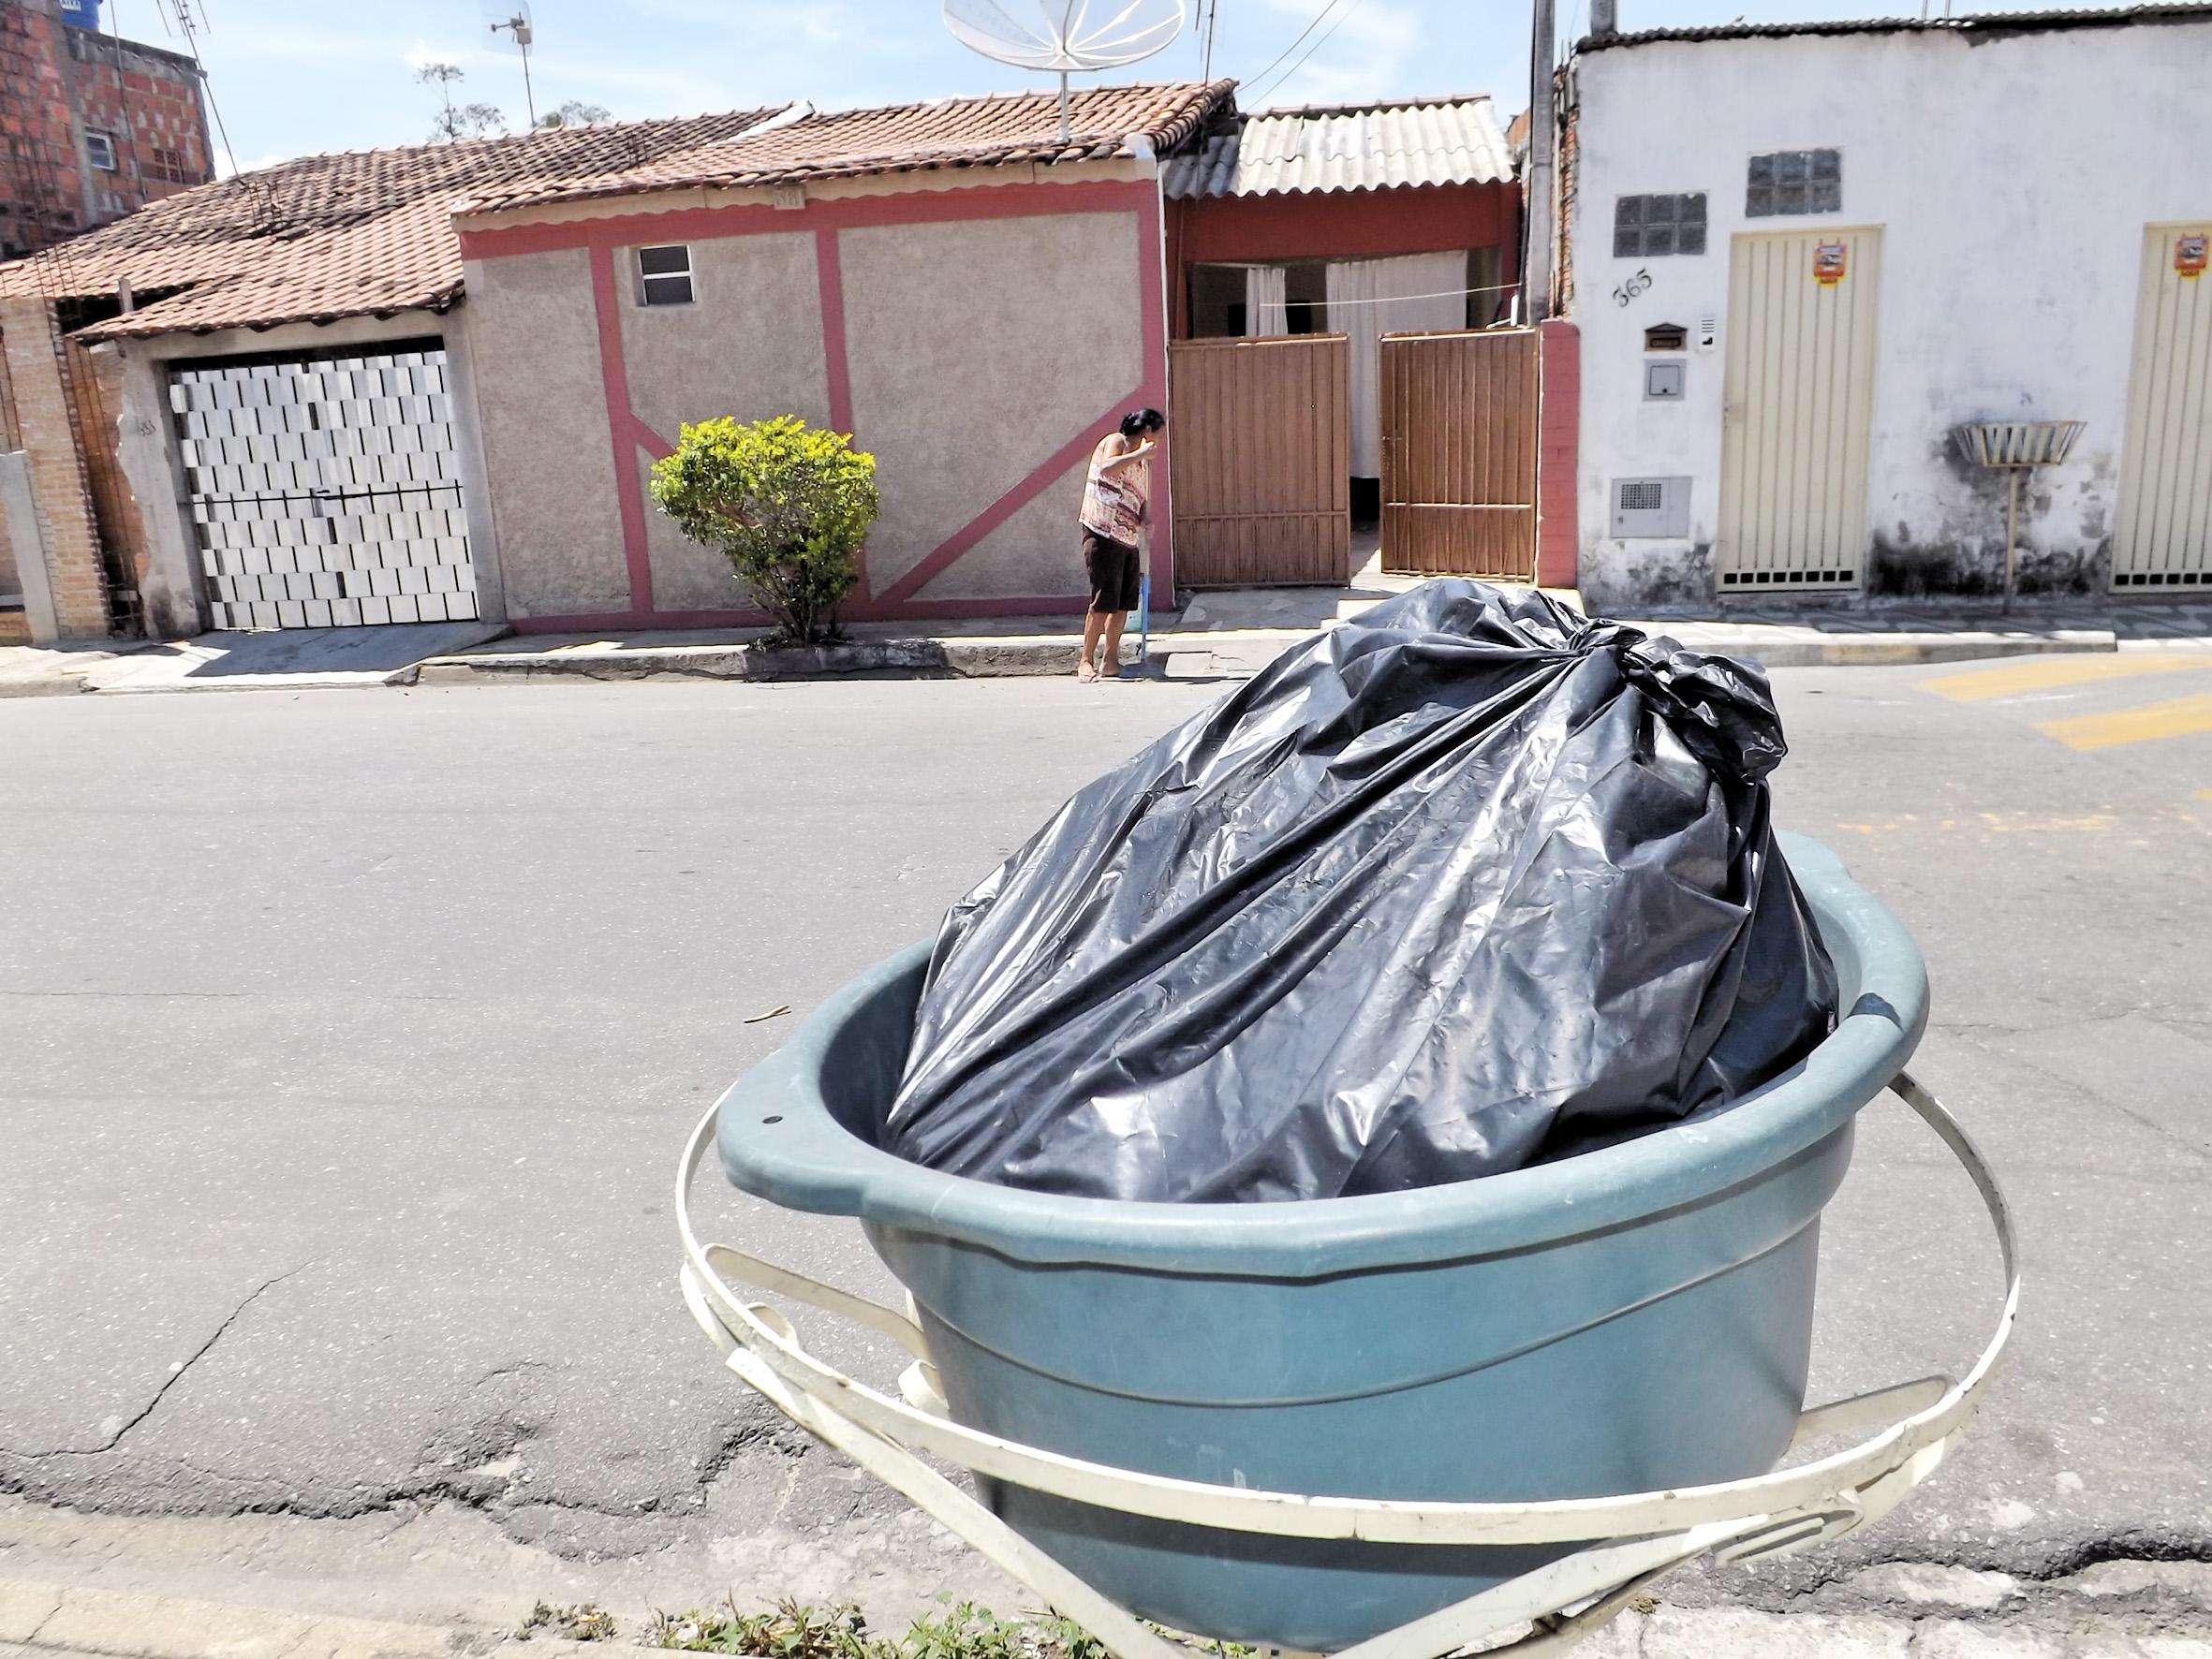 Lixo na rua do CDHU aguarda passagem de equipe de coleta municipal (Foto: Lucas Barbosa)